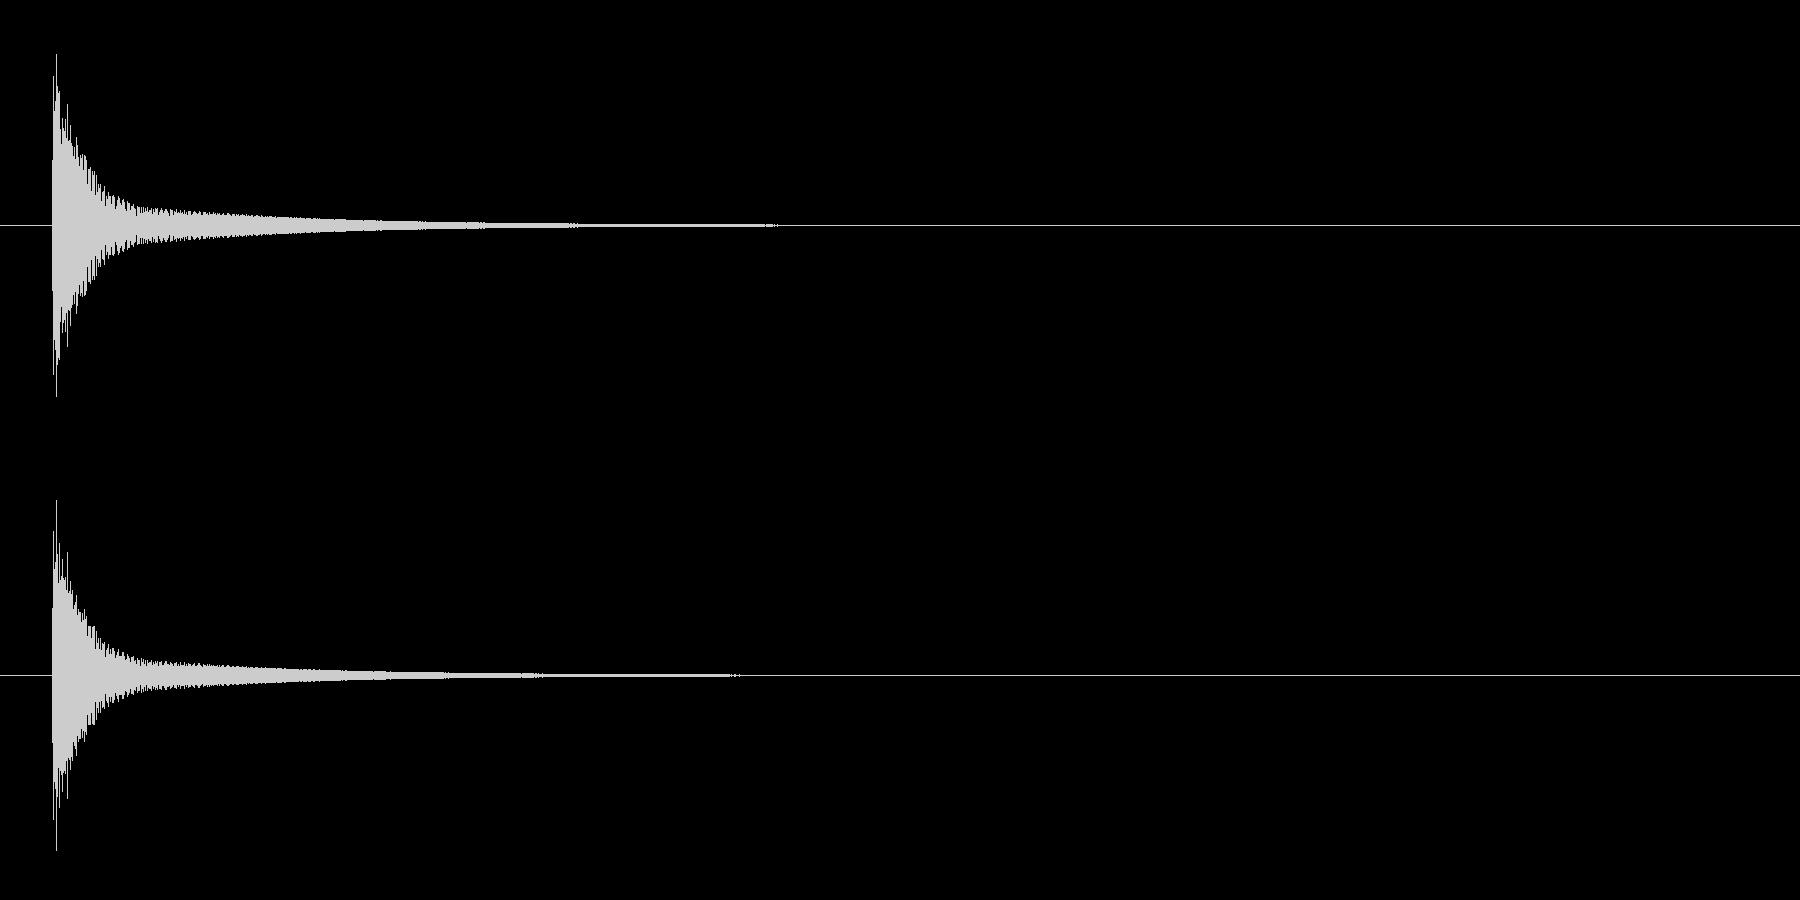 「ポン」うちわ太皷の単発音の未再生の波形